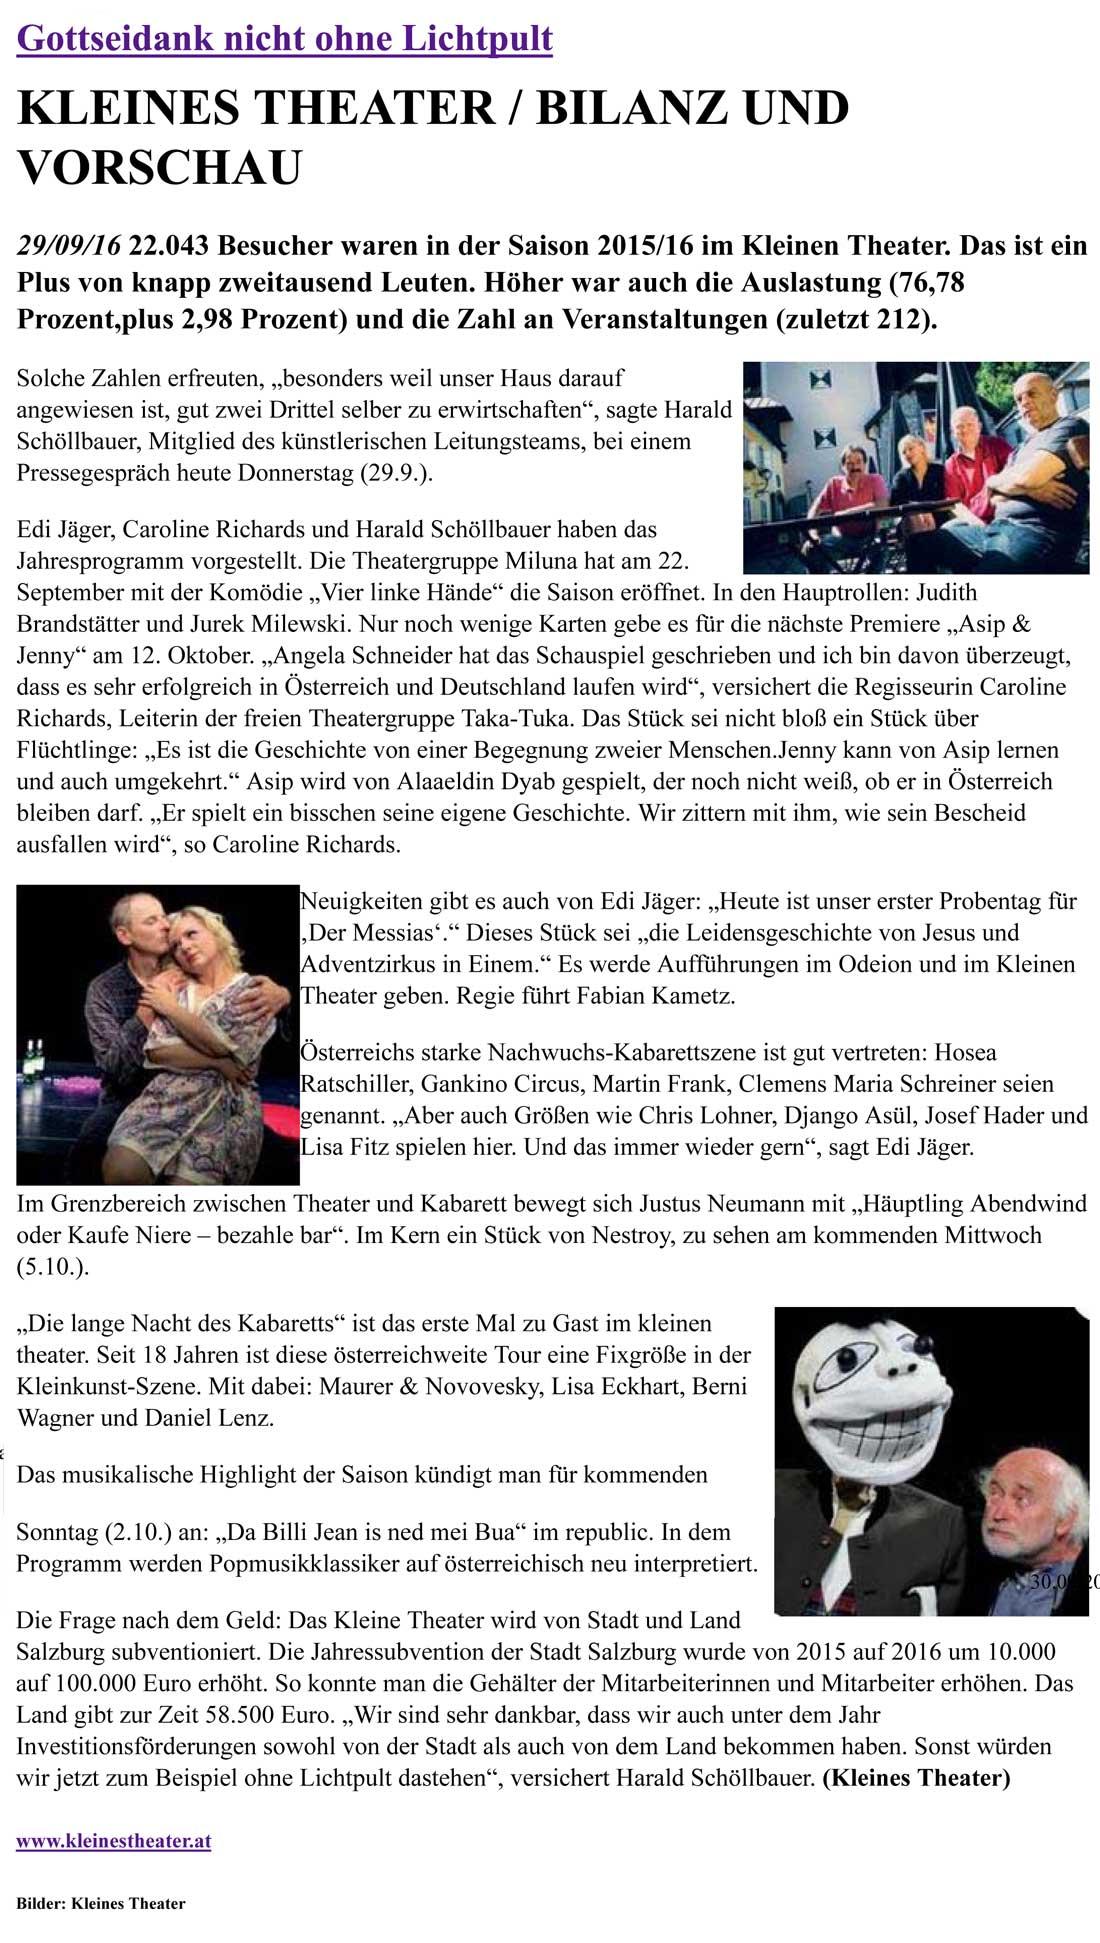 201060929 Drehpunkt Gottseidank nicht ohne Lichtpult - Gottseidank nicht ohne Lichtpult - Drehpunktkultur vom 29.09.2016